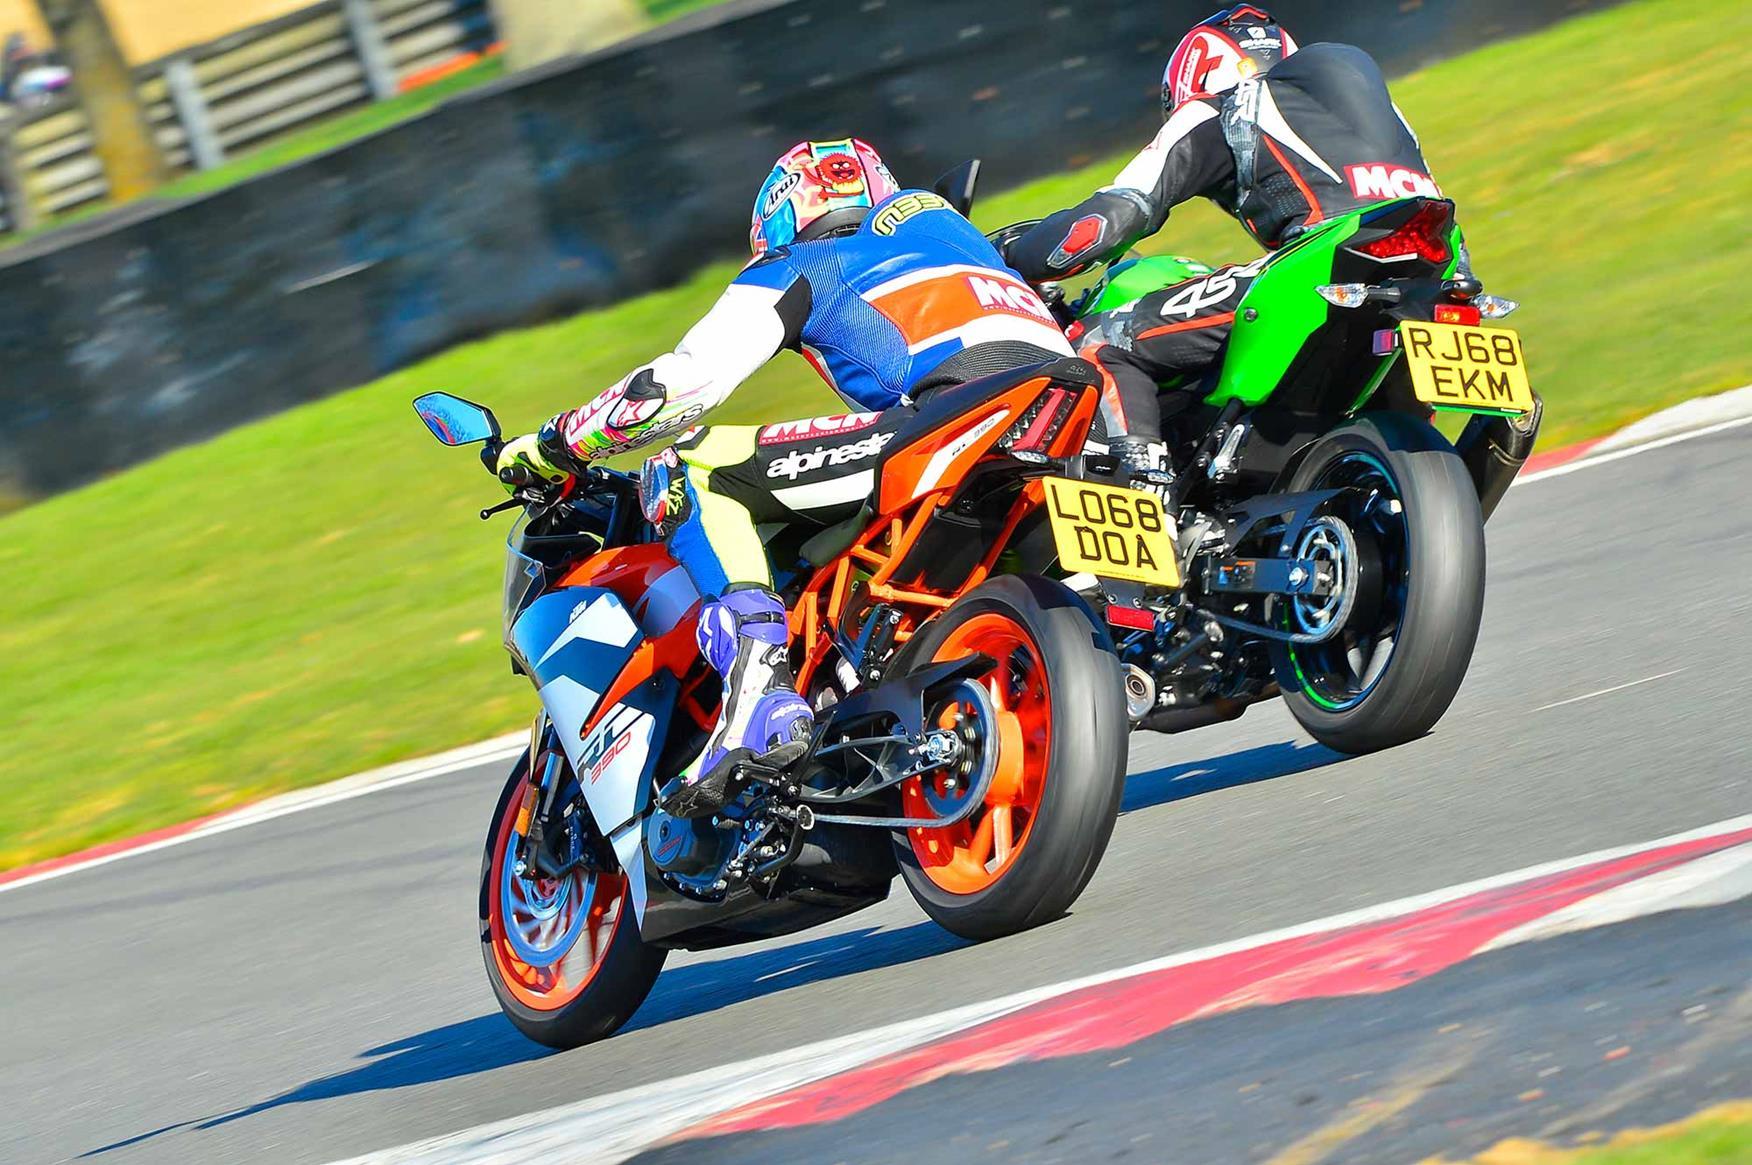 The Kawasaki Ninja 400 and KTM RC390 together